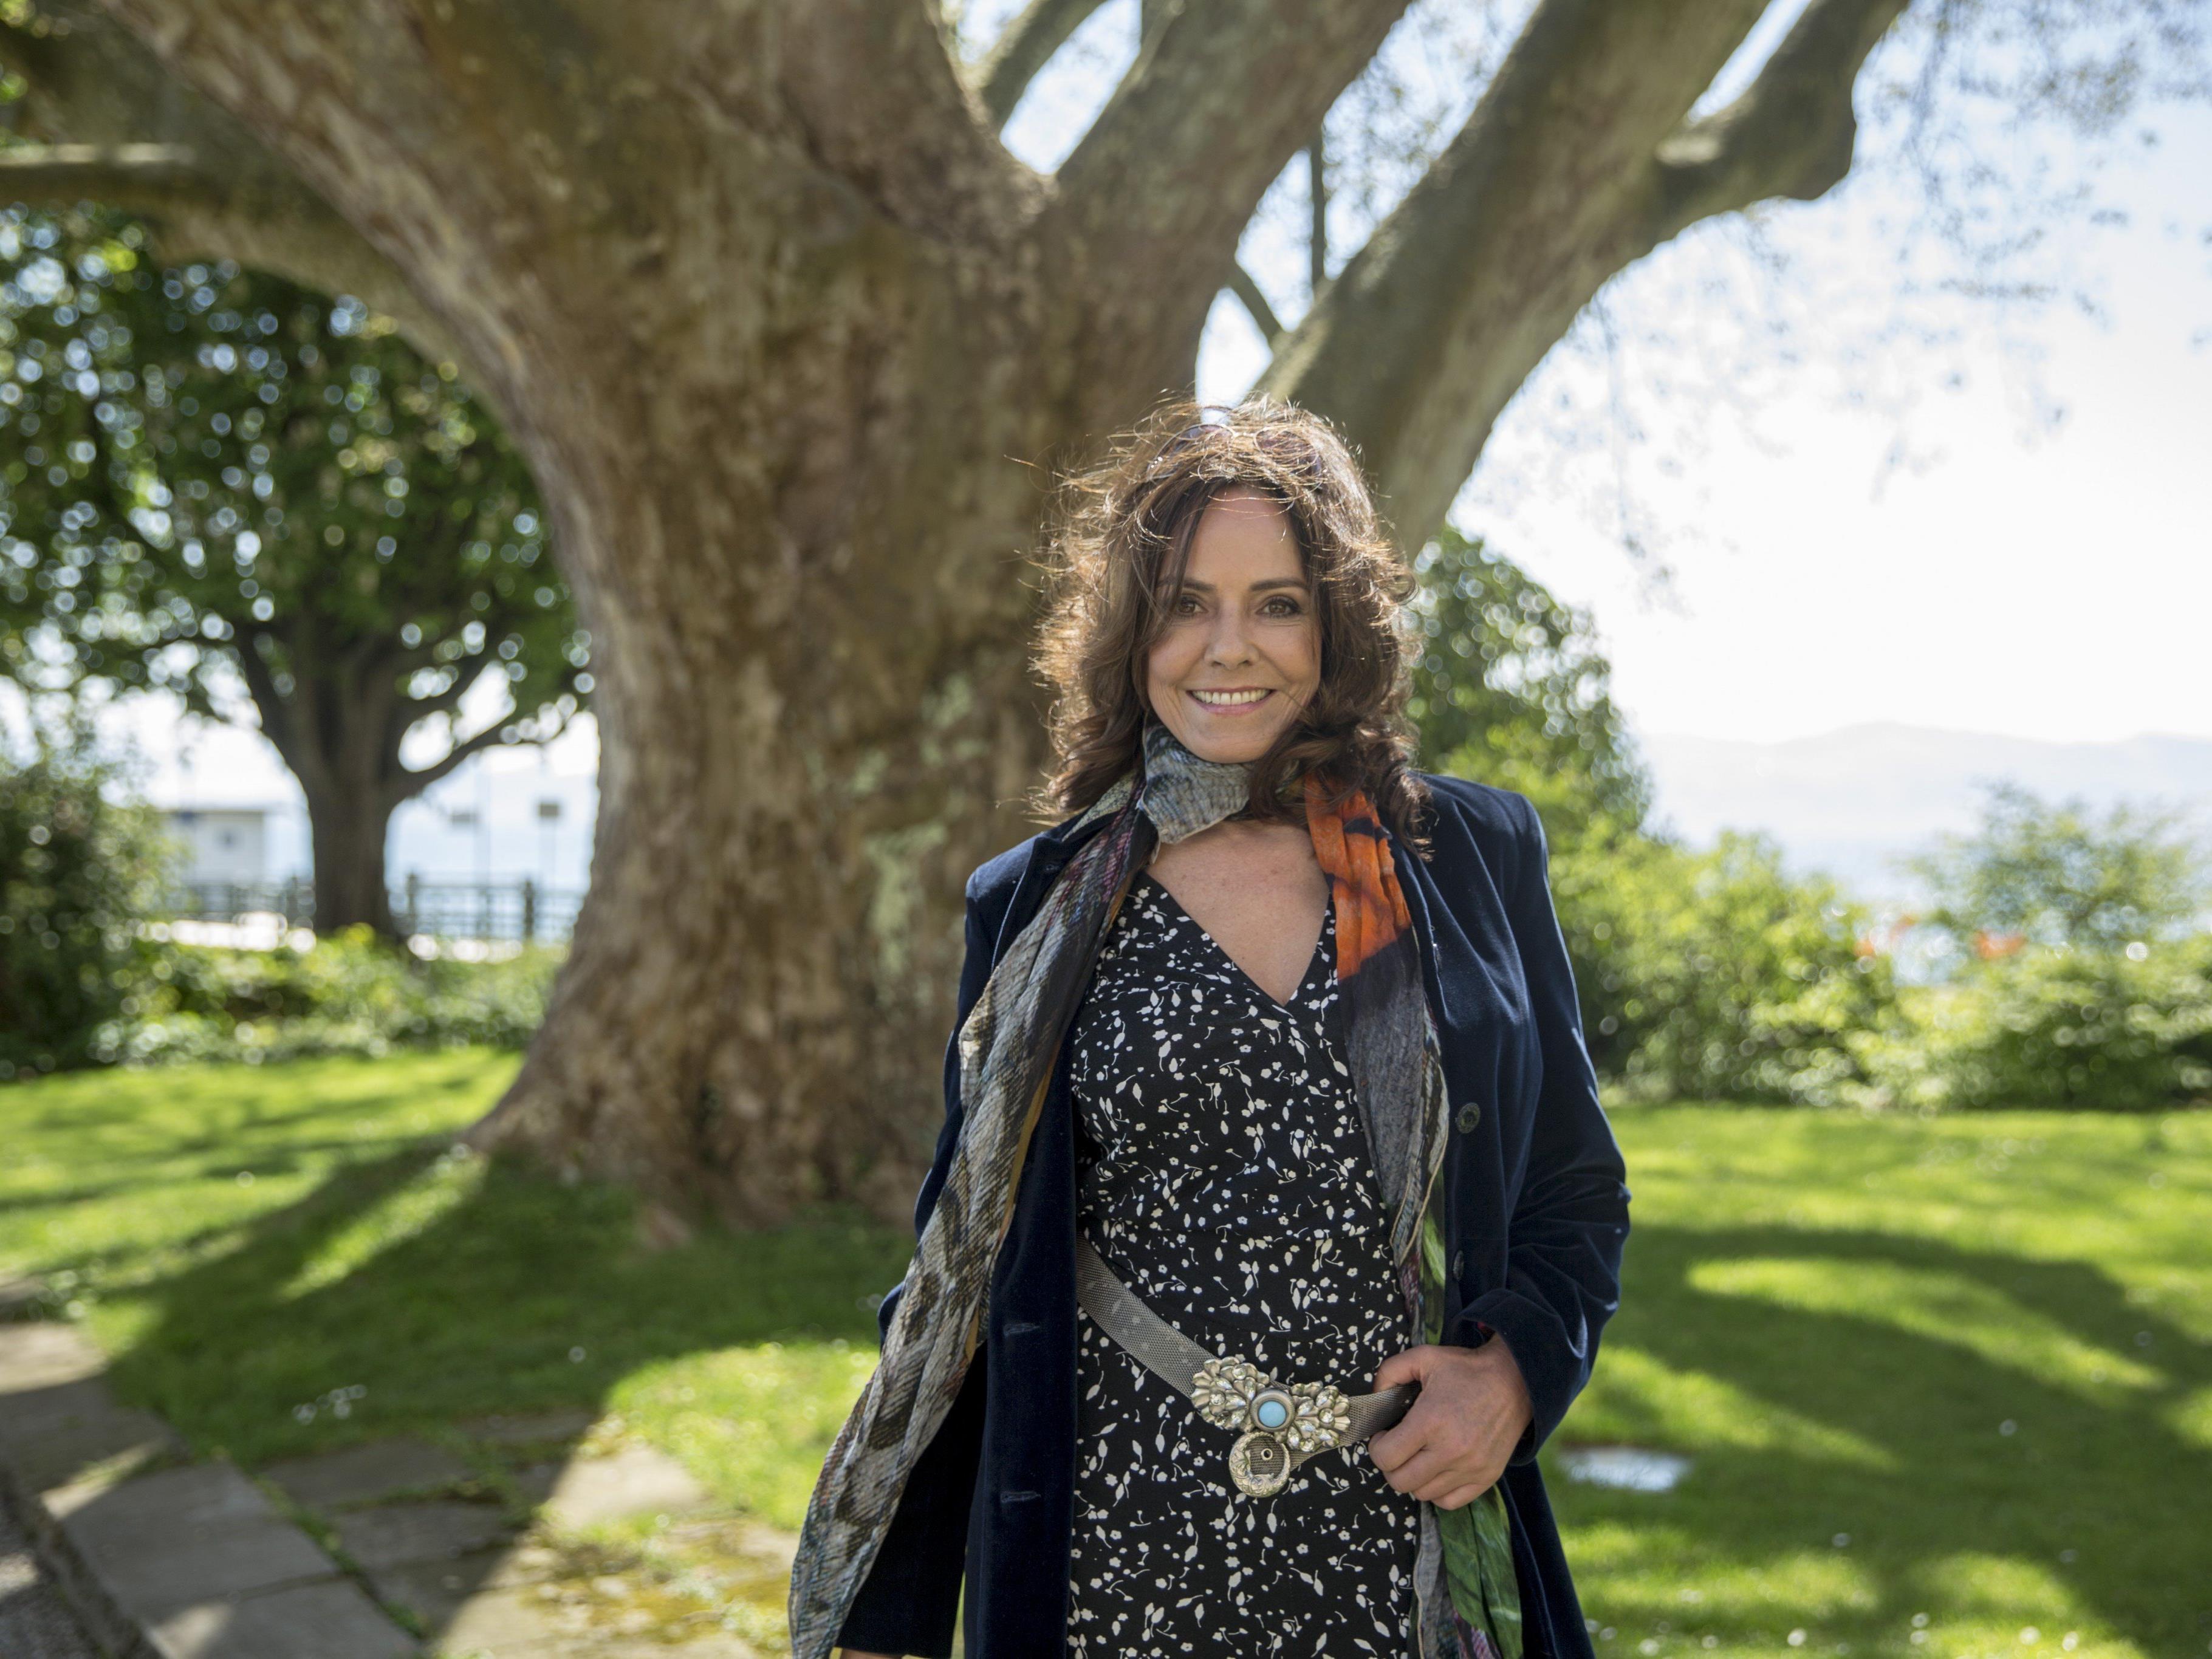 """WANN & WO traf Beatrix Bilgeri im Lindauer Hotel Bad Schachen: """"Laura liebte es als Kind, auf den riesigen Baum hinter mir zu klettern."""""""